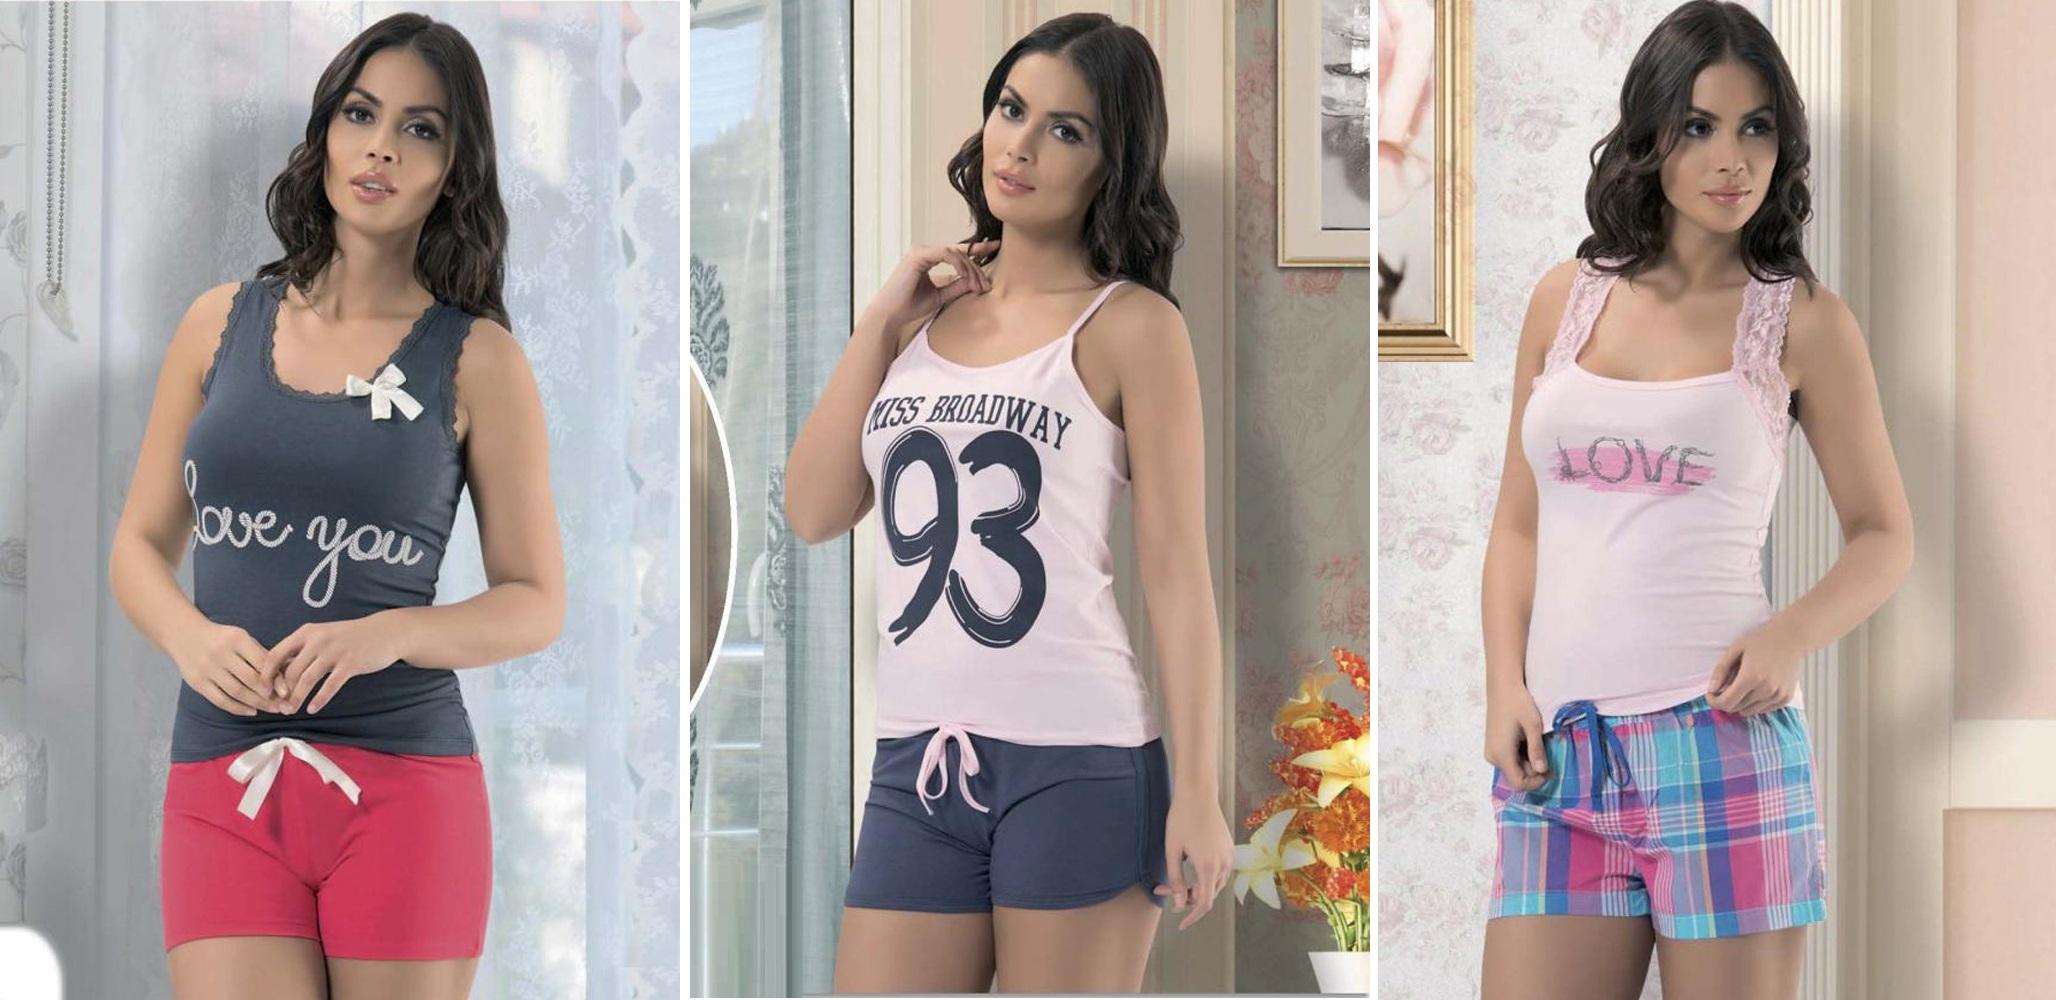 Женские комплекты и пижамы Maranda купить интернет-магазин